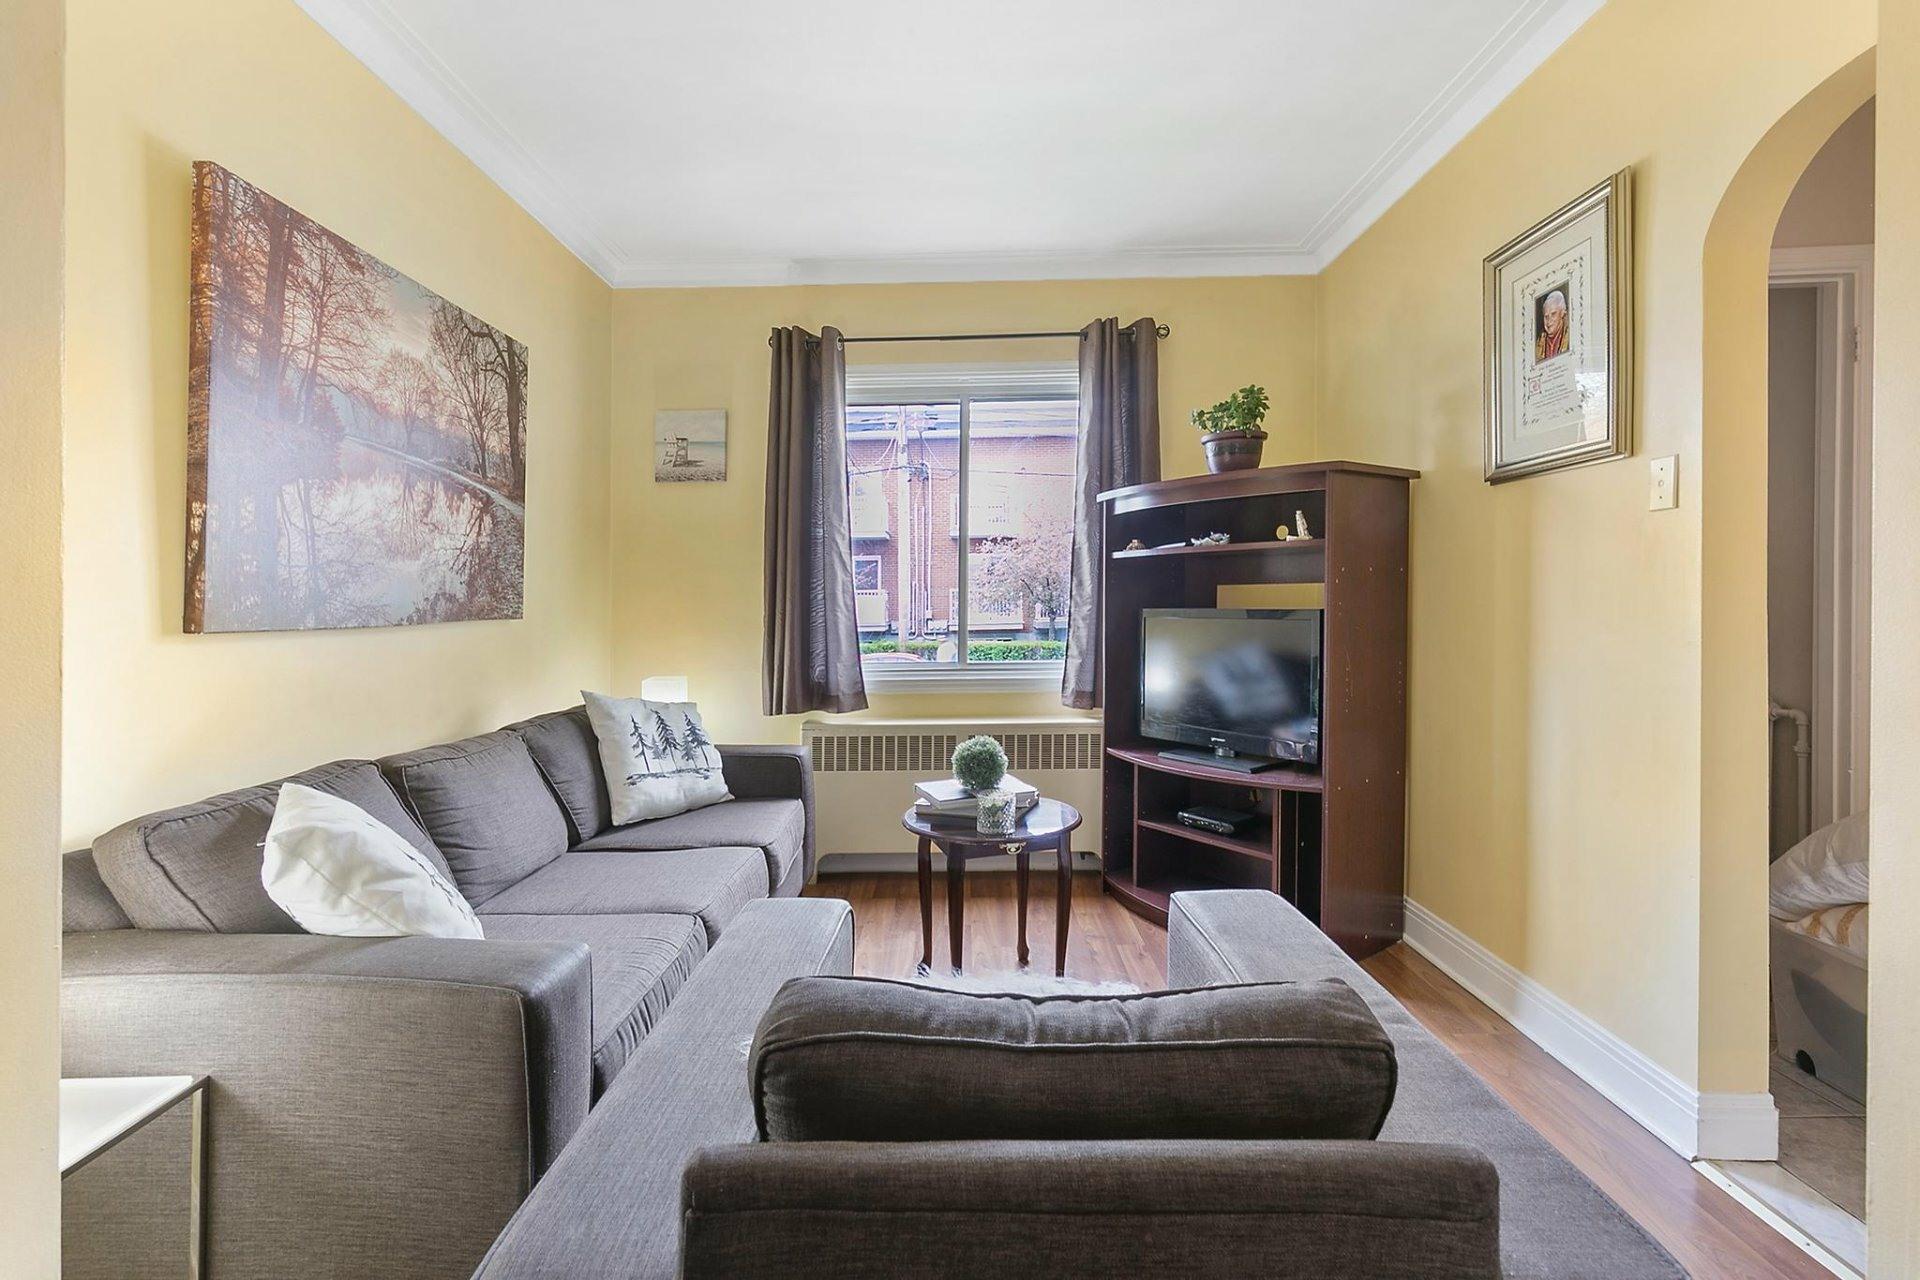 image 10 - Maison À vendre Villeray/Saint-Michel/Parc-Extension Montréal  - 10 pièces